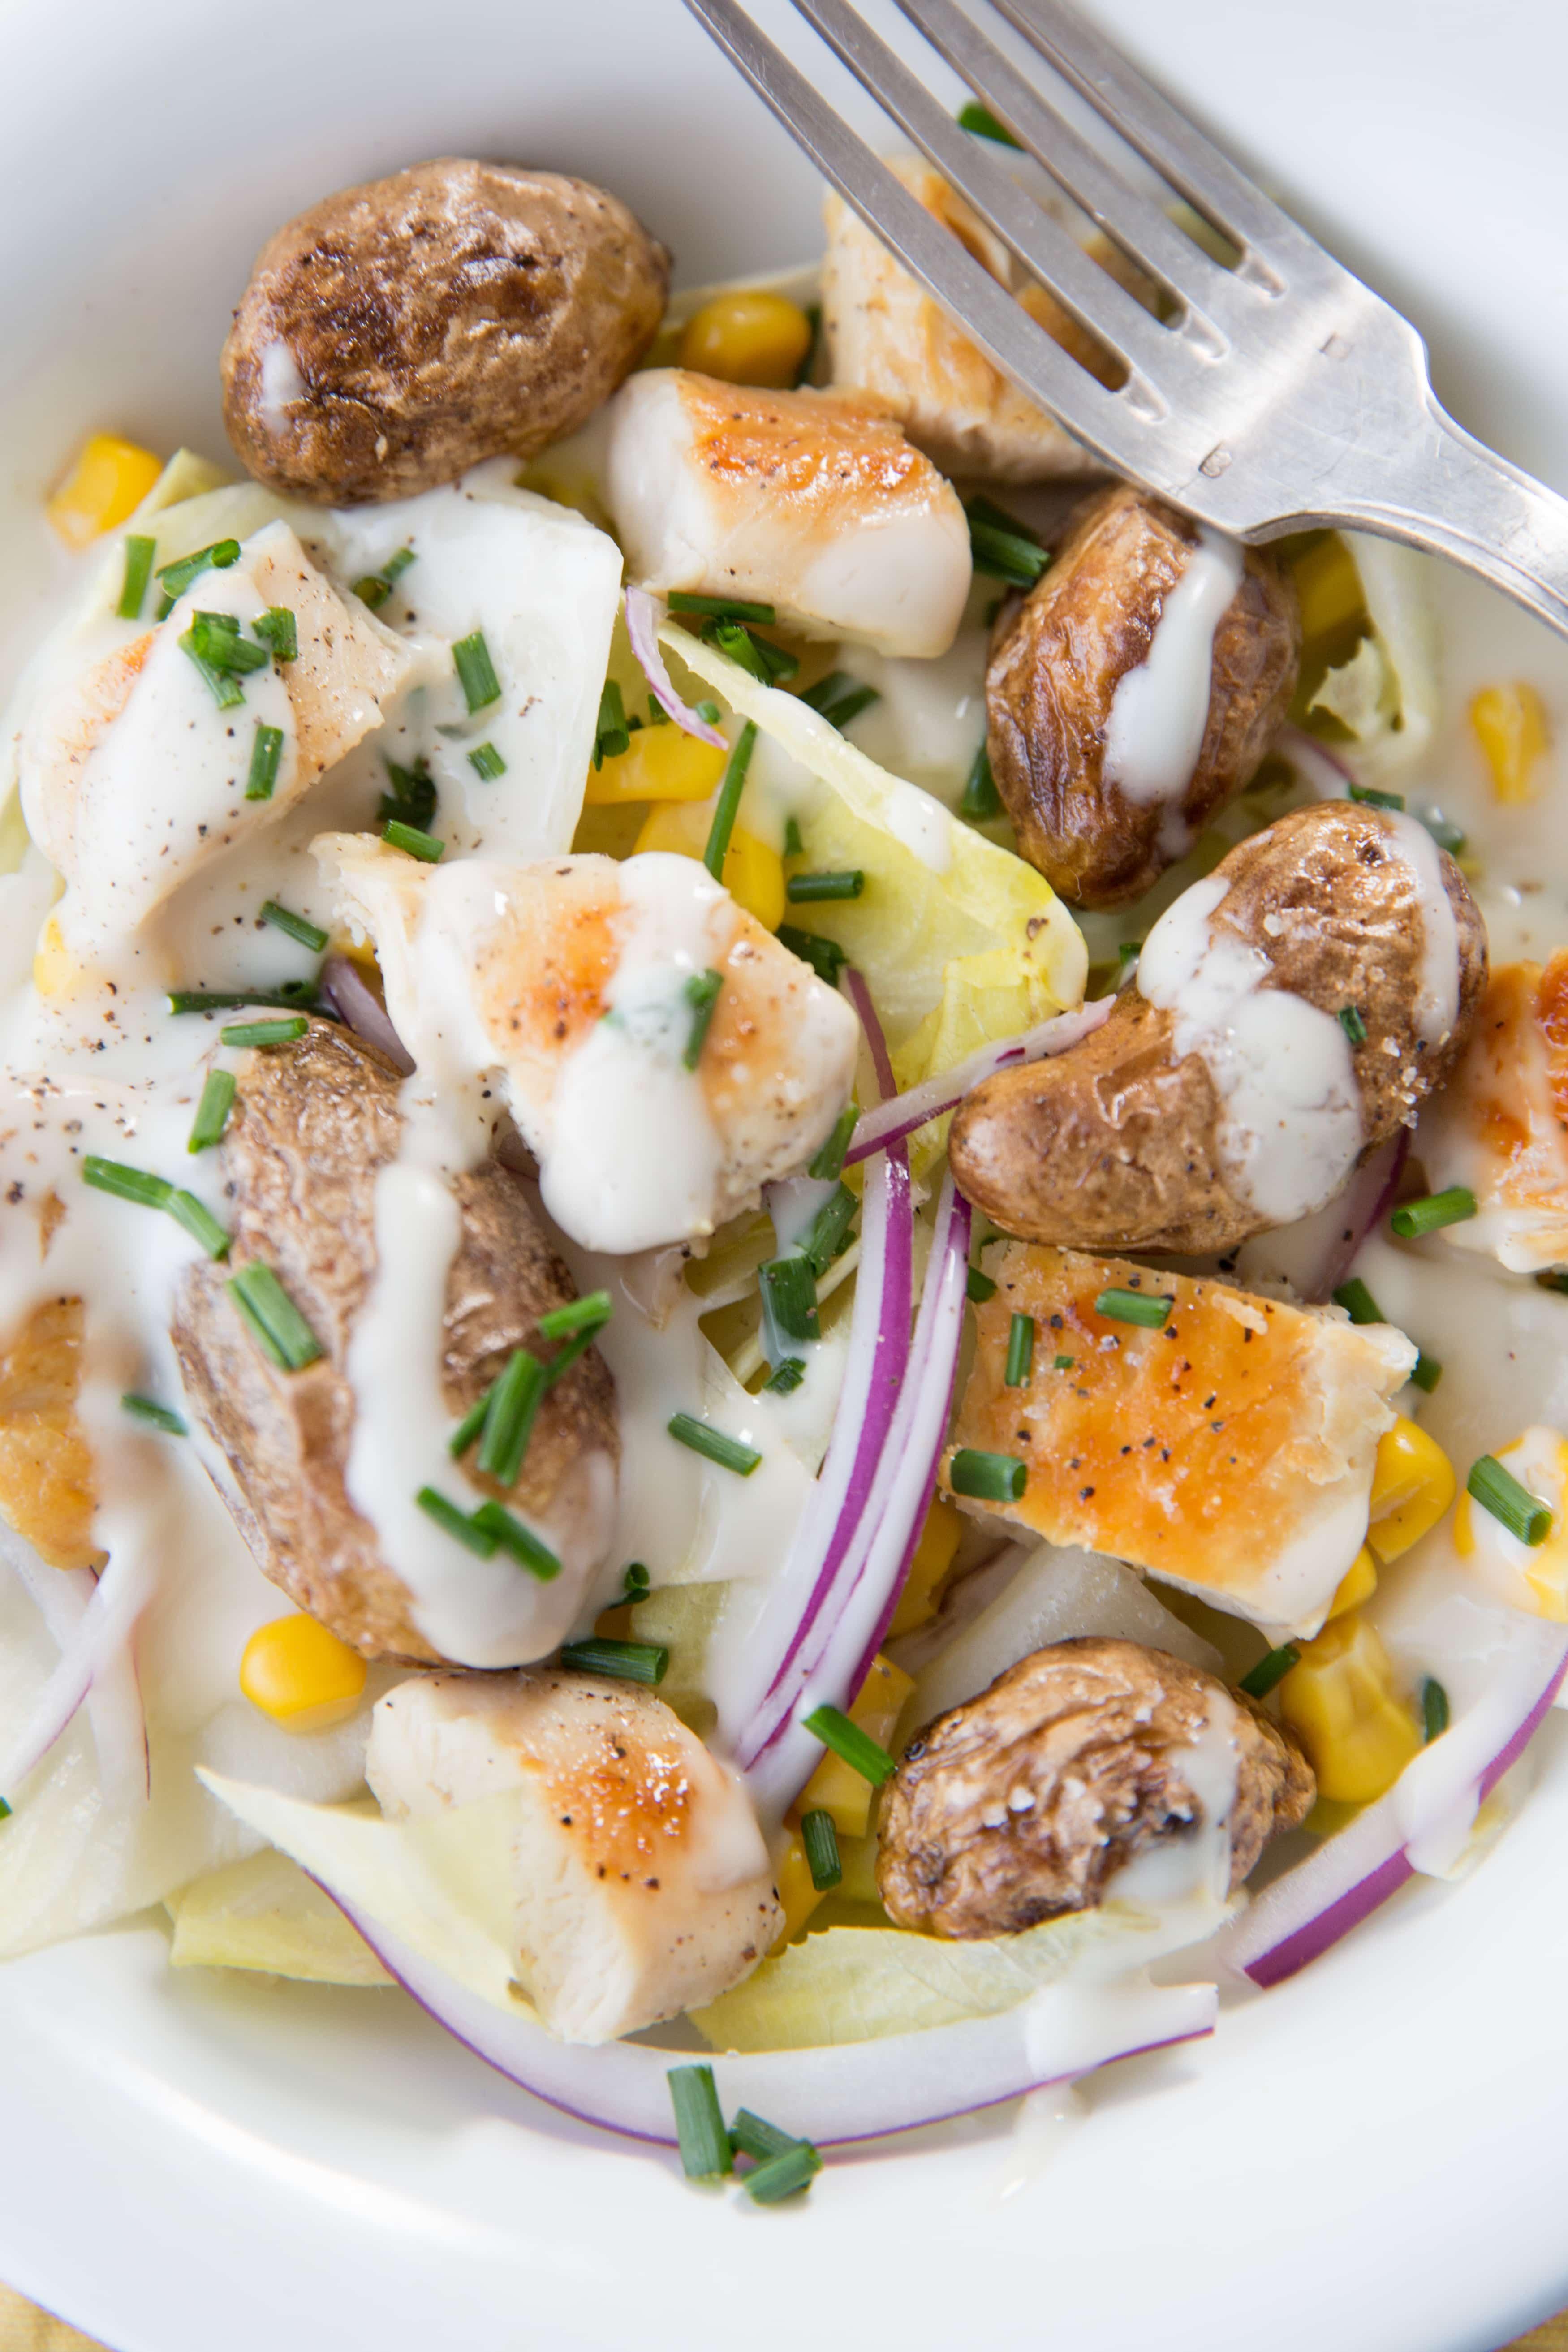 Salade d'endives, grenailles rôties et poulet